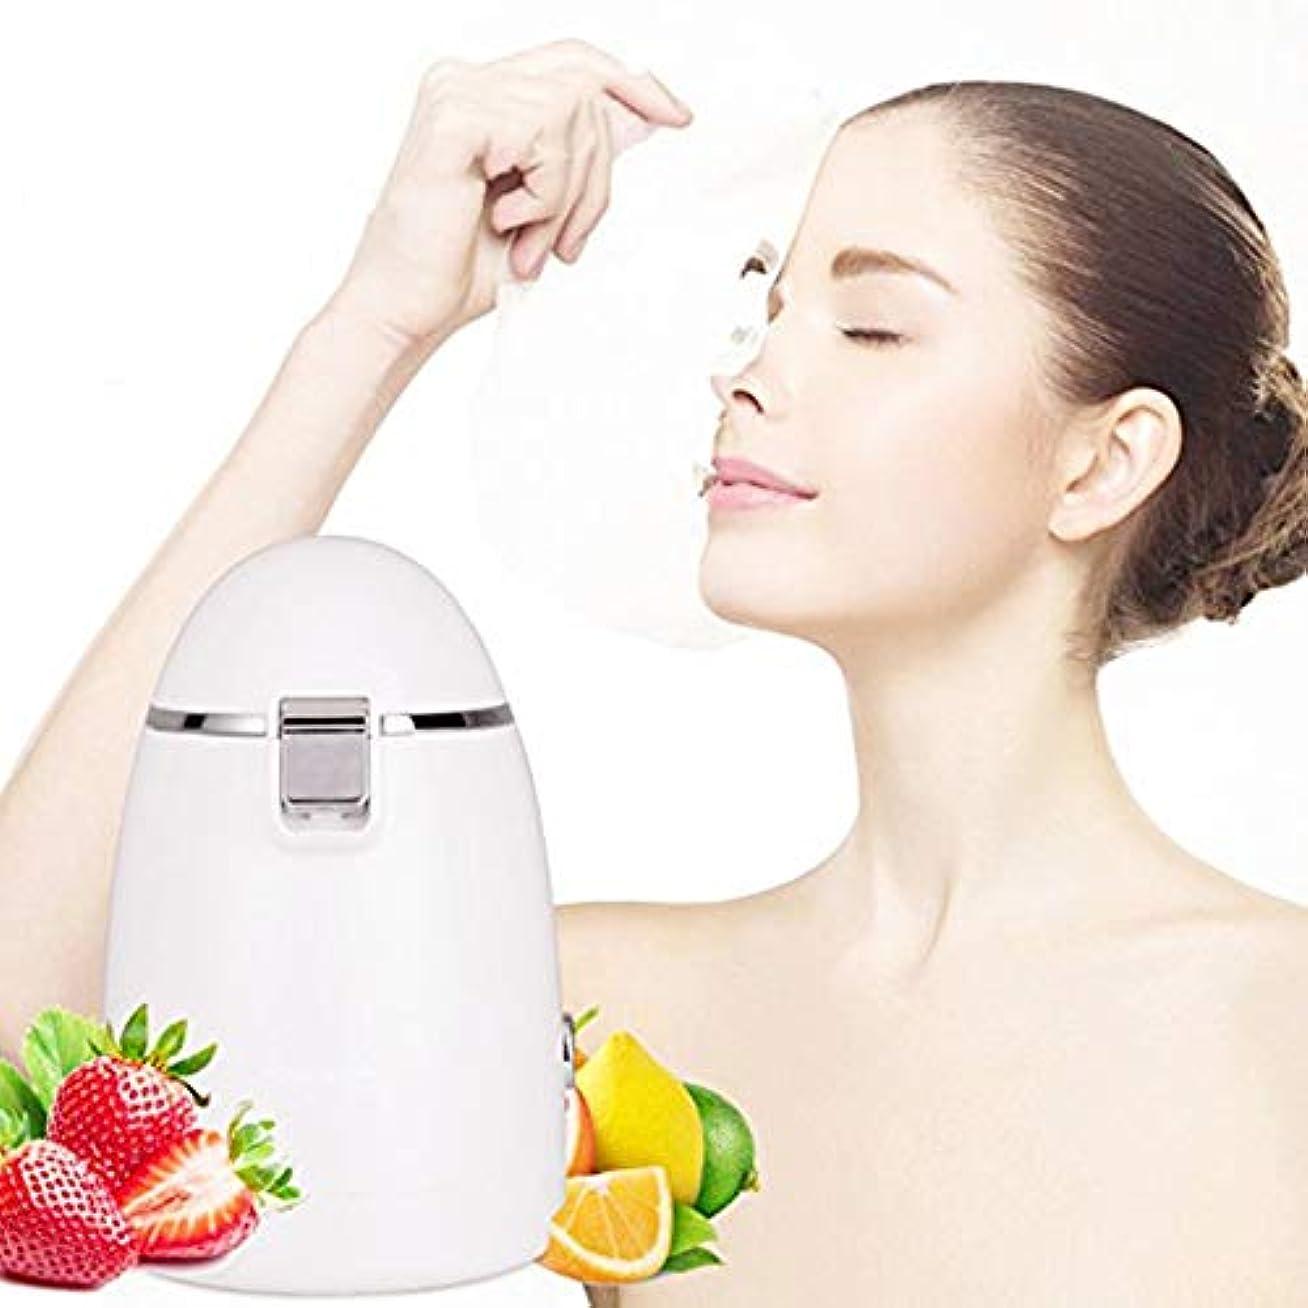 マリンビスケット認可マスクマシン、自家製家庭用マスクマシン自動多機能攪拌加熱果物と野菜 DIY マスクフルーツマスク